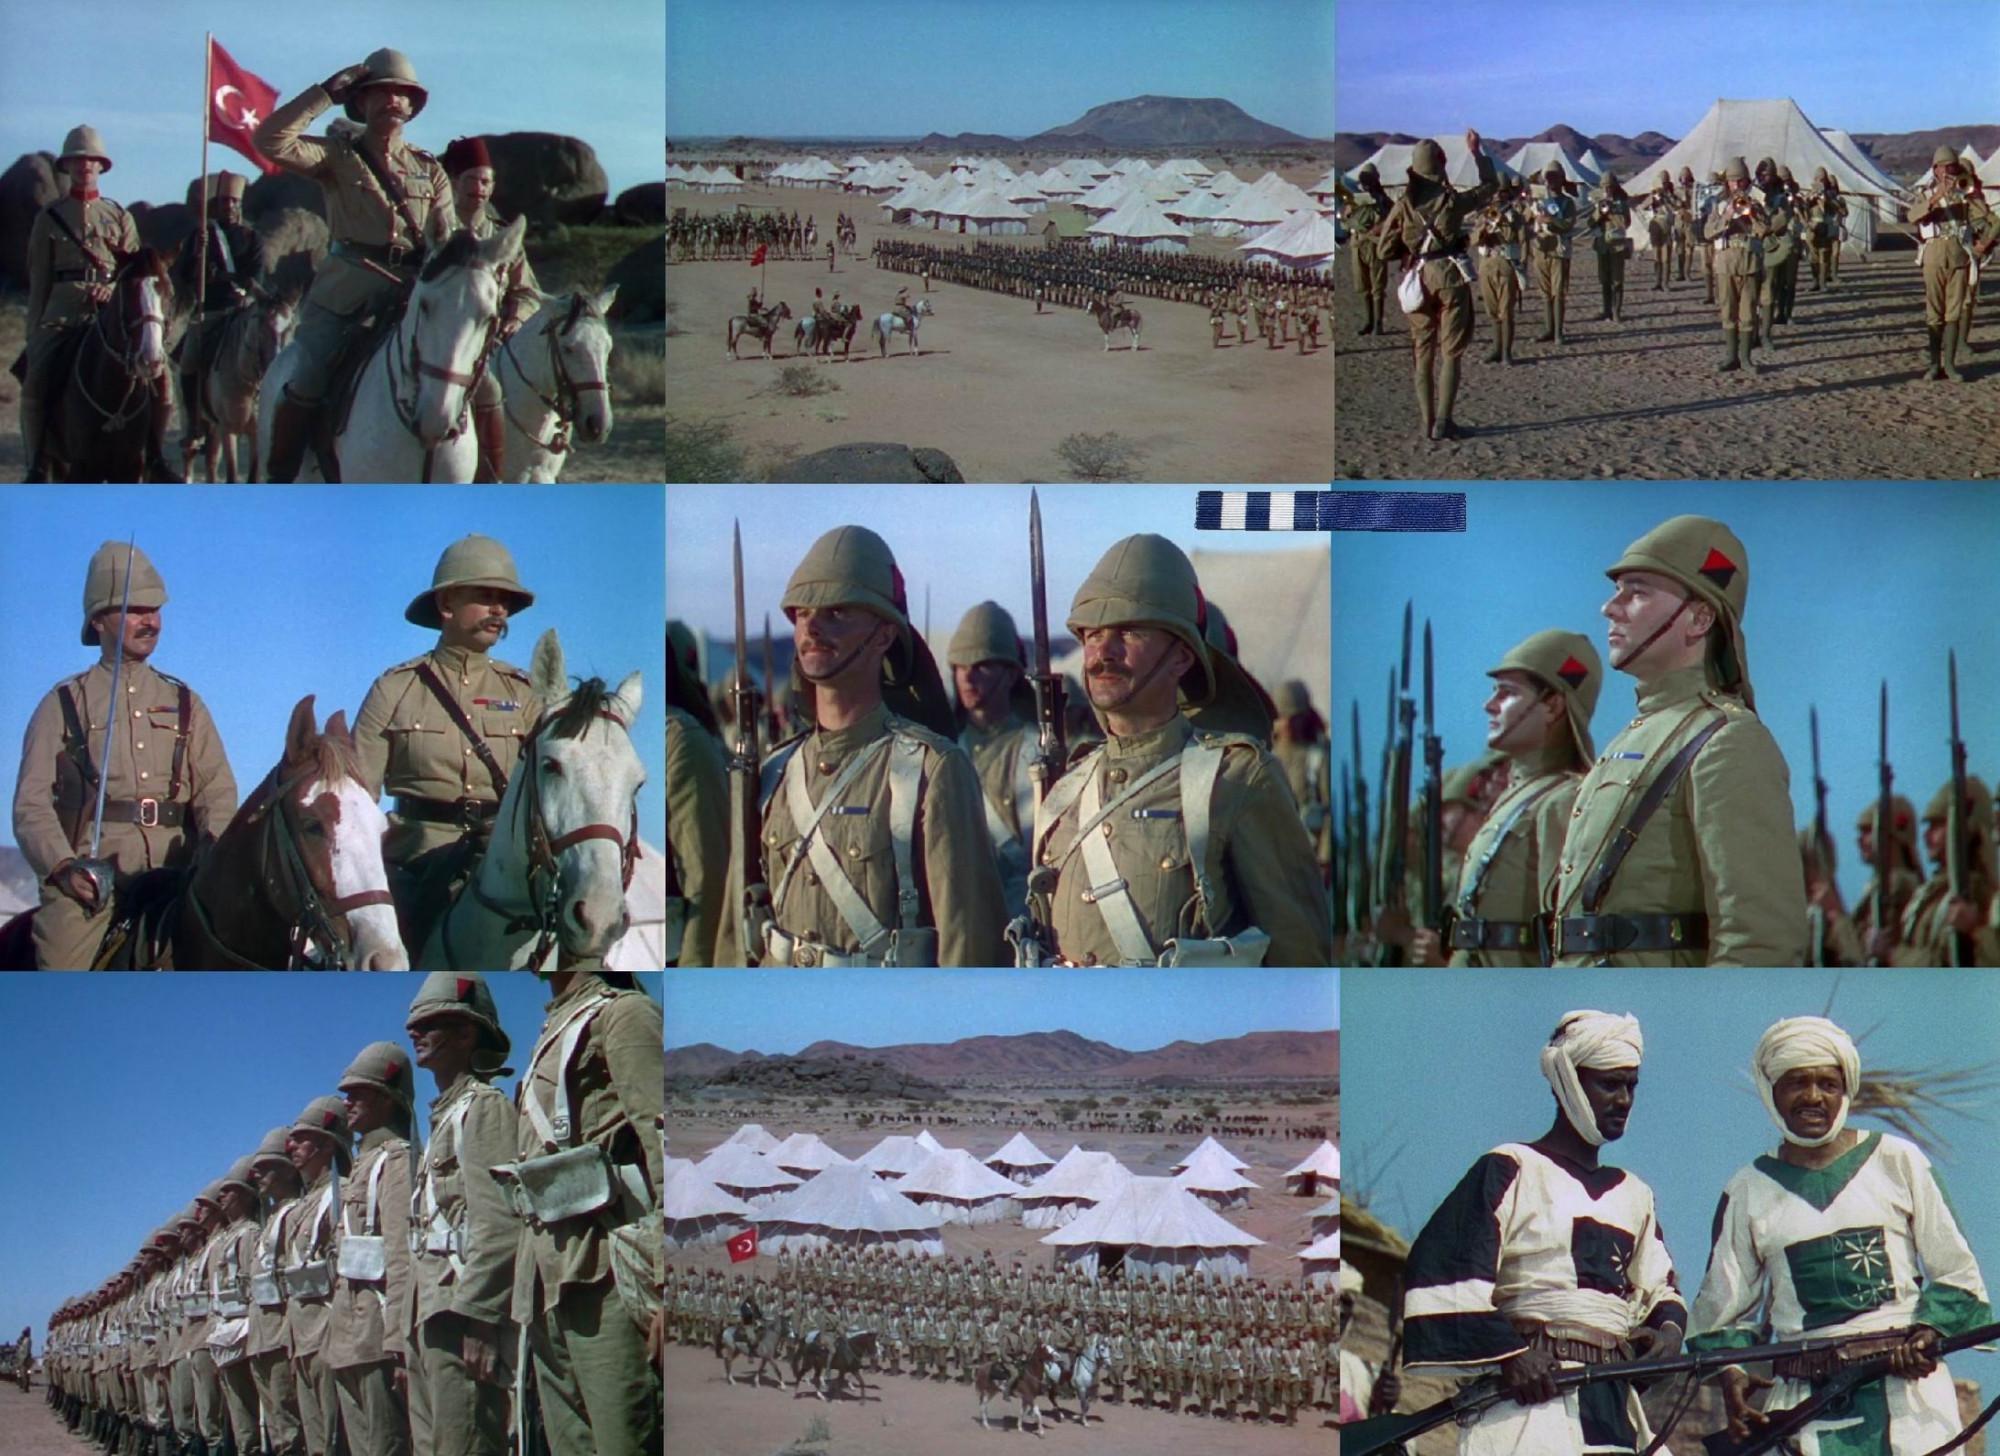 У некоторых солдат и офицеров планки медалей за Египет и Судан 1882-1889гг., показанные в первой части.